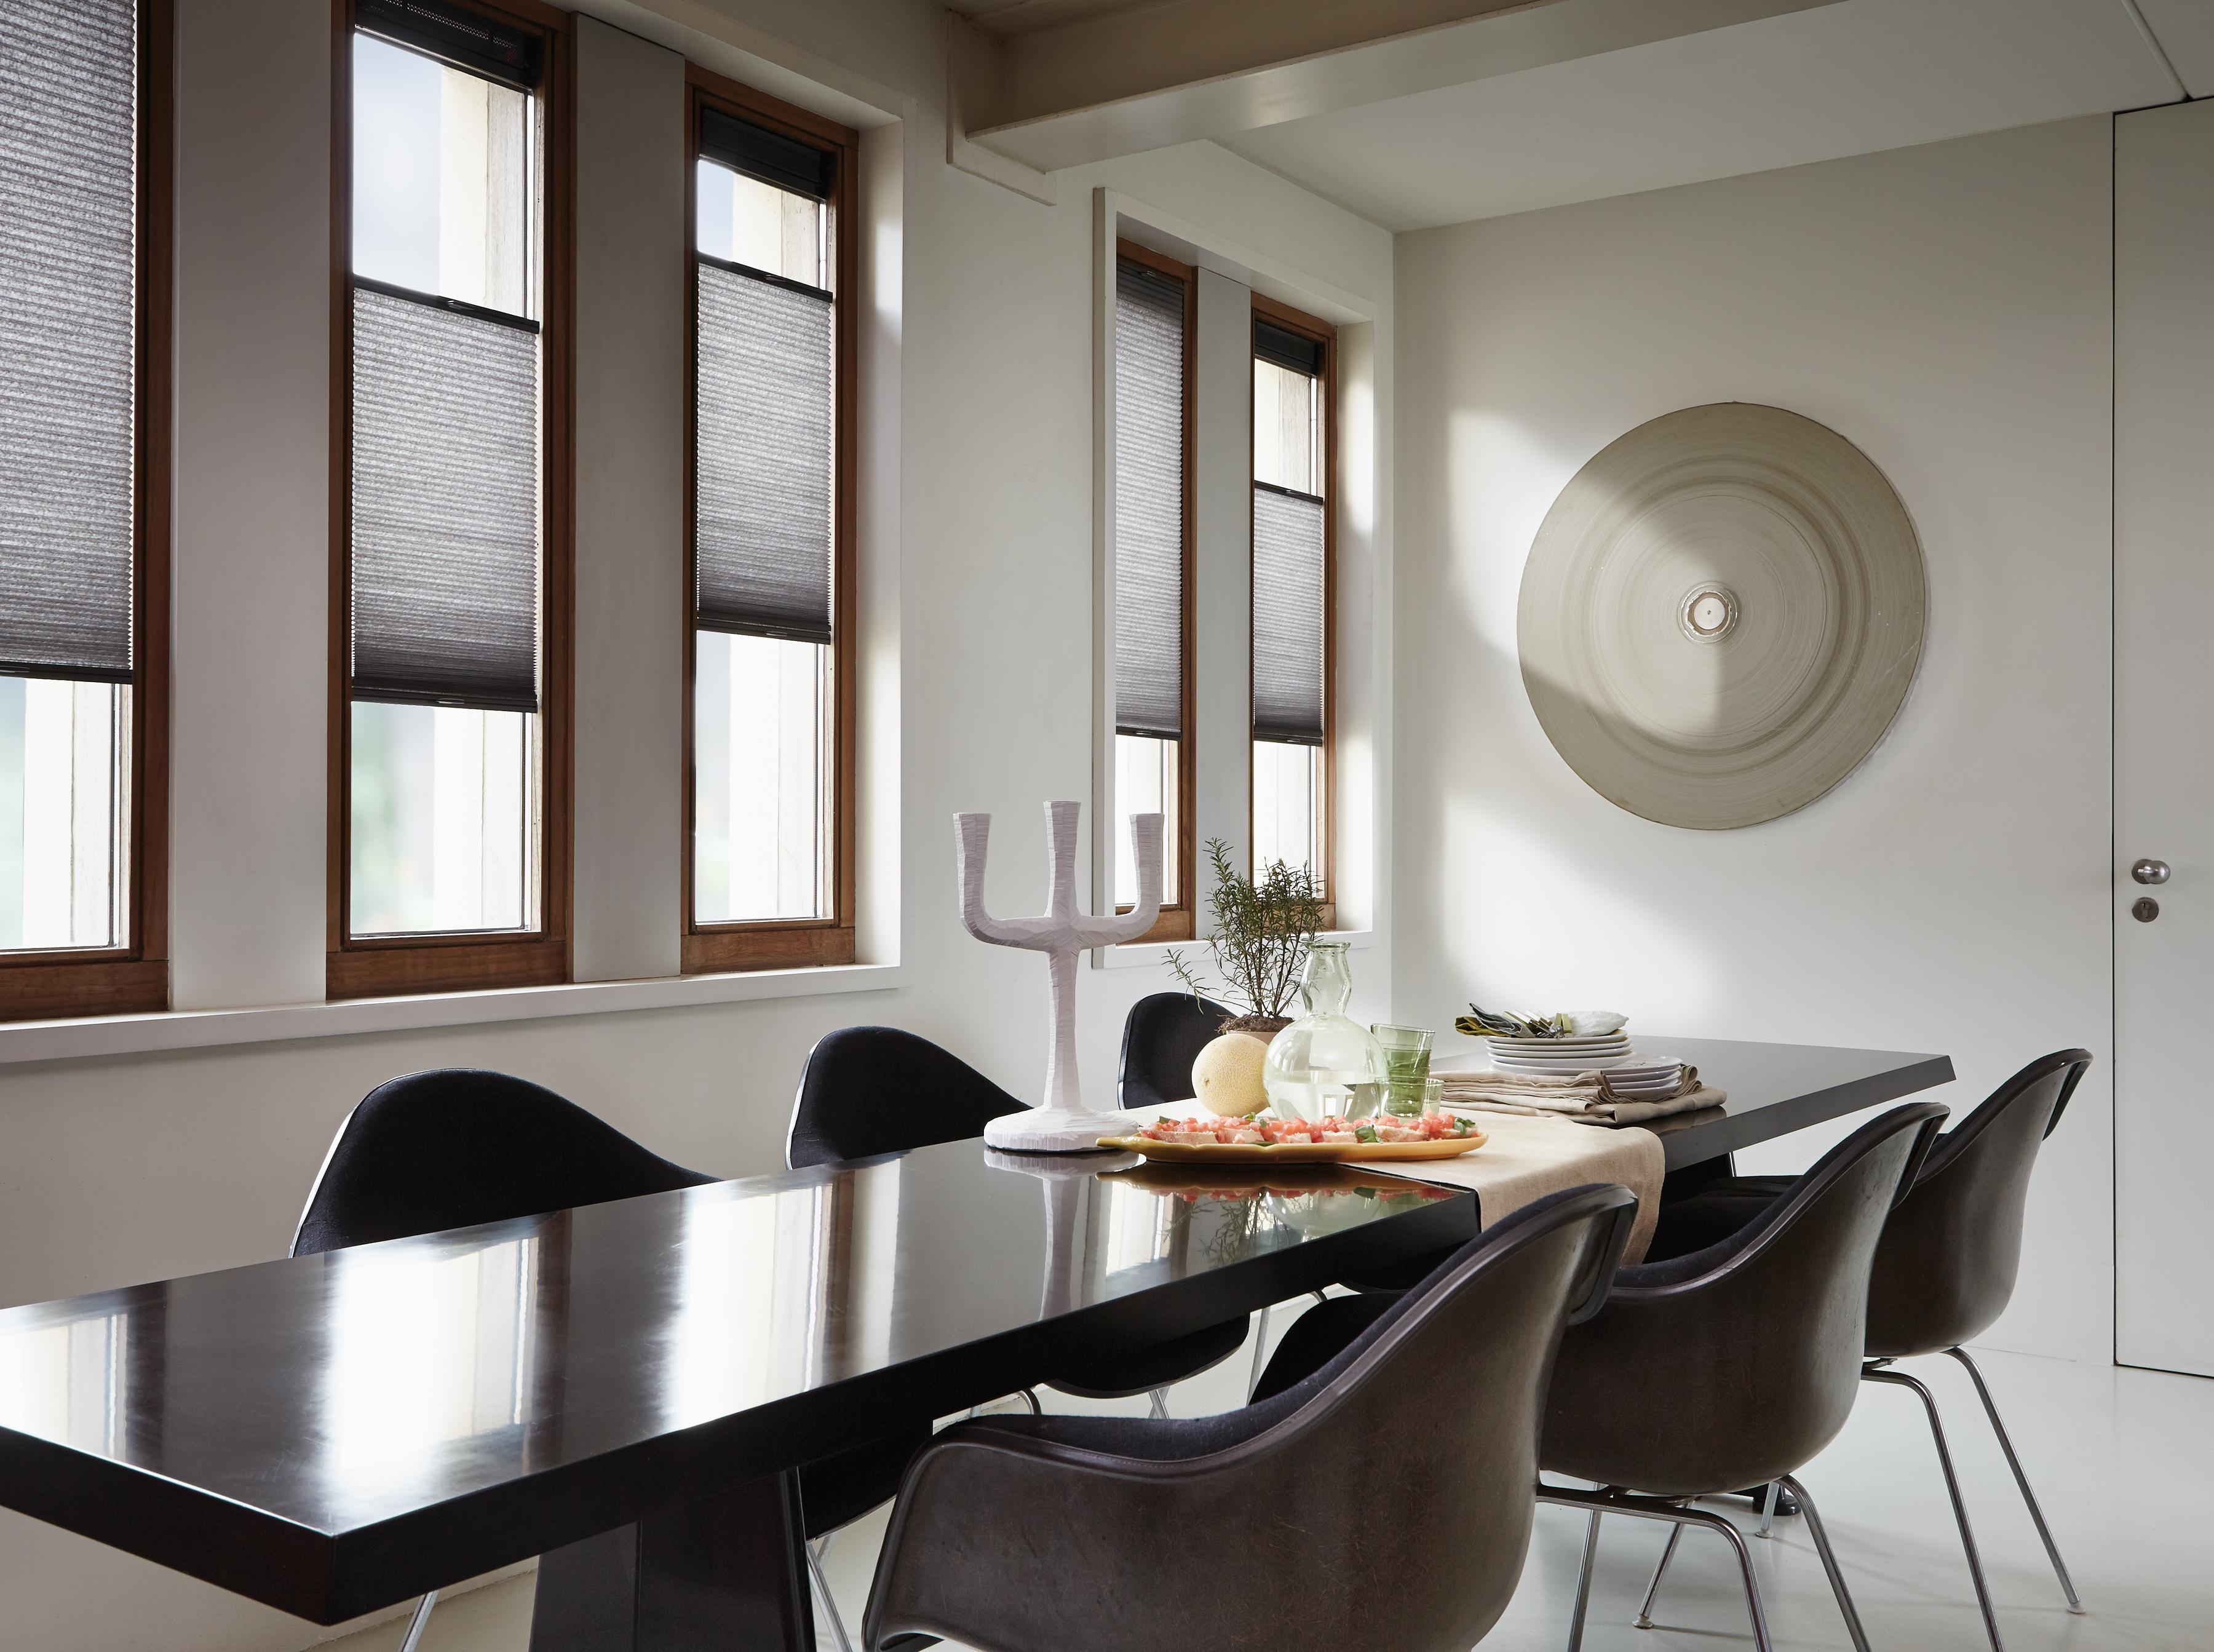 Woonkamer Zwart Bruin : Roma woonkamer wit zwart hoogglans woonkamers elit meubel